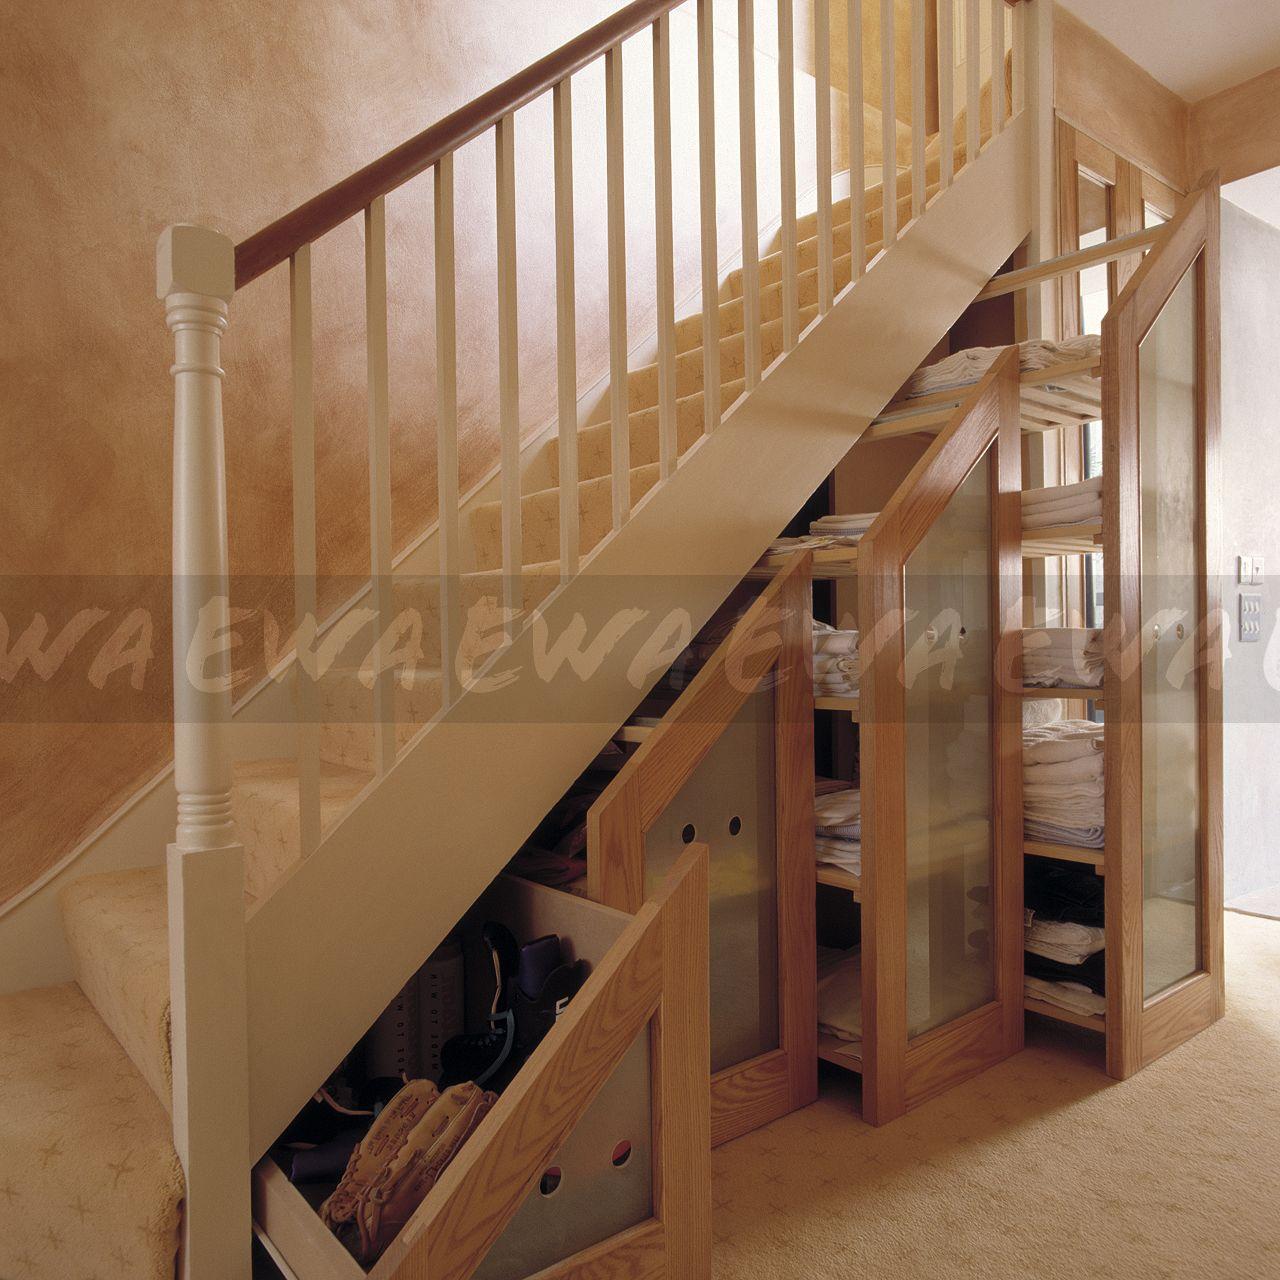 Hallway With Understairs Storage: Image: Retractable Understairs Storage Drawers With Opaque